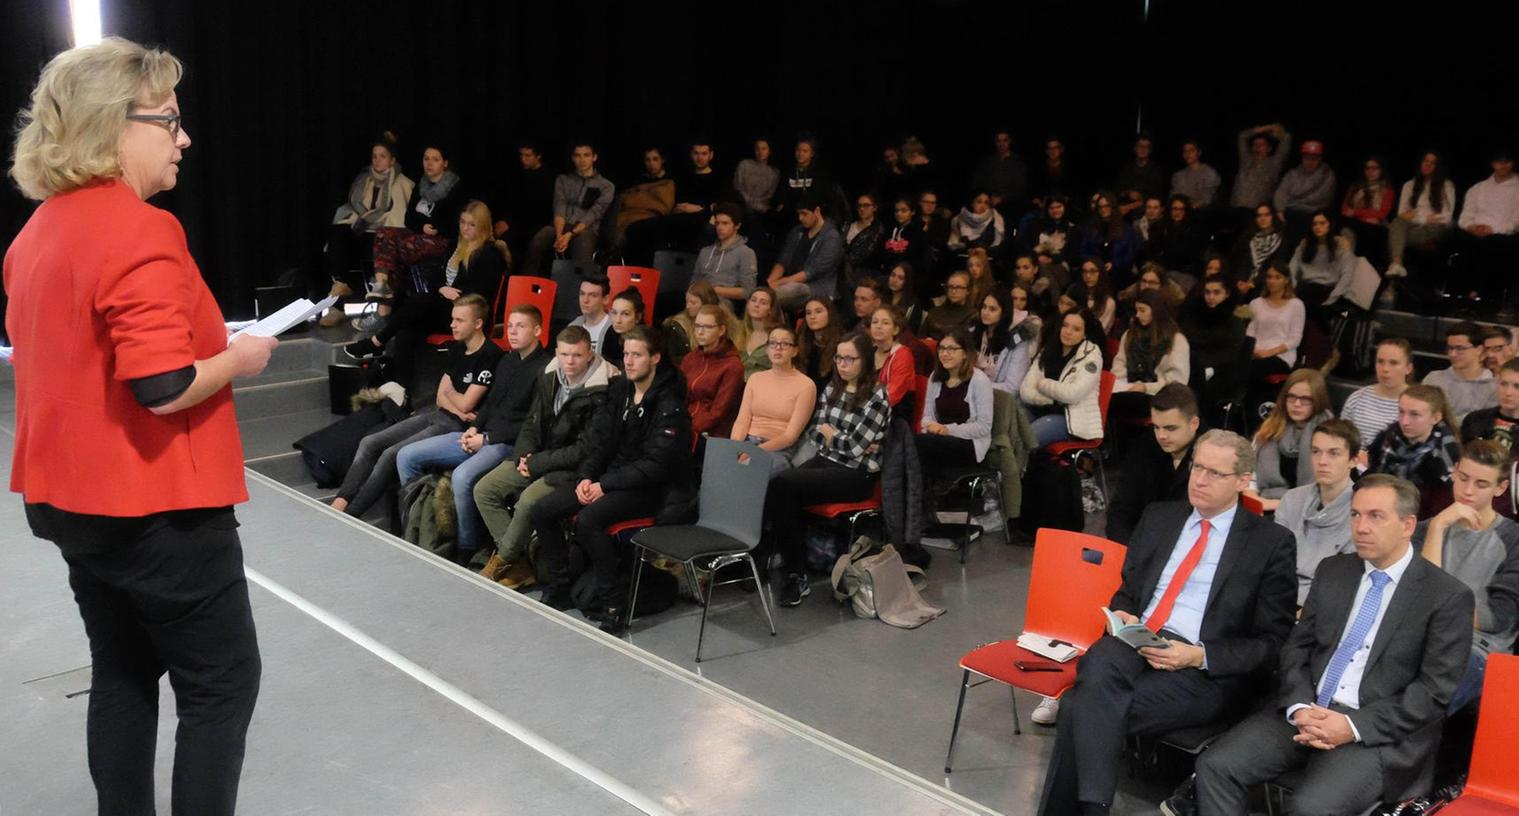 Landtagsabgeordnete Alexandra Hiersemann (SPD) appellierte an die Schüler, tagtäglich für die Verfassungswerte einzutreten.